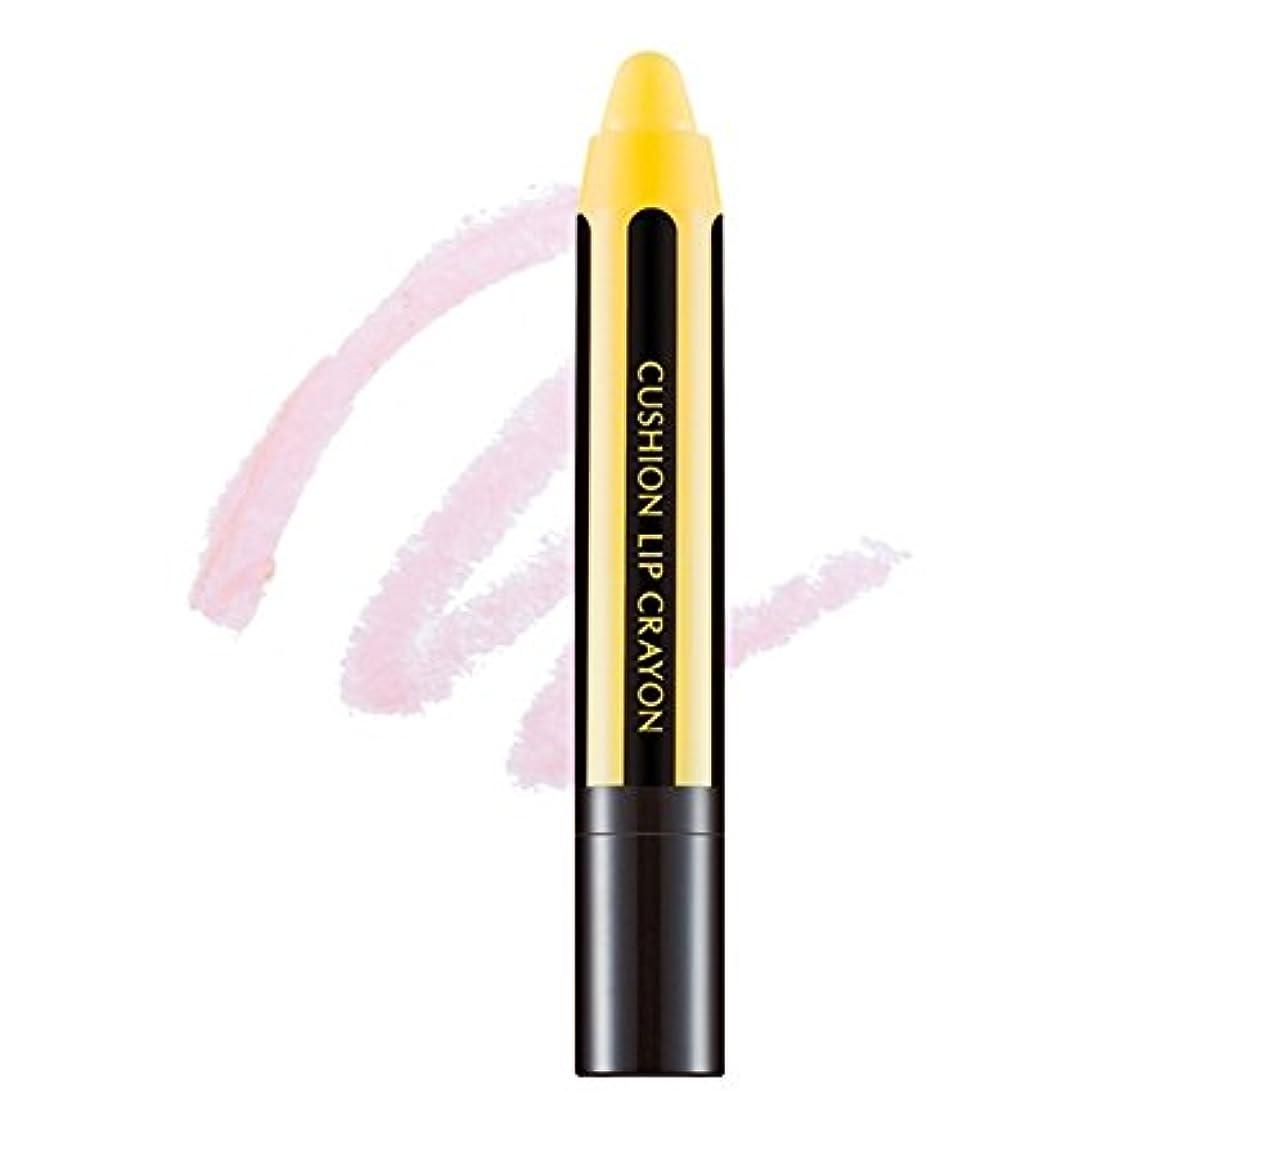 倫理レパートリー旅行者[New] MISSHA Cushion Lip Crayon (#YPK01 : Lemon soda)/ミシャ クッション リップ クレヨン (#YPK01 : Lemon soda)